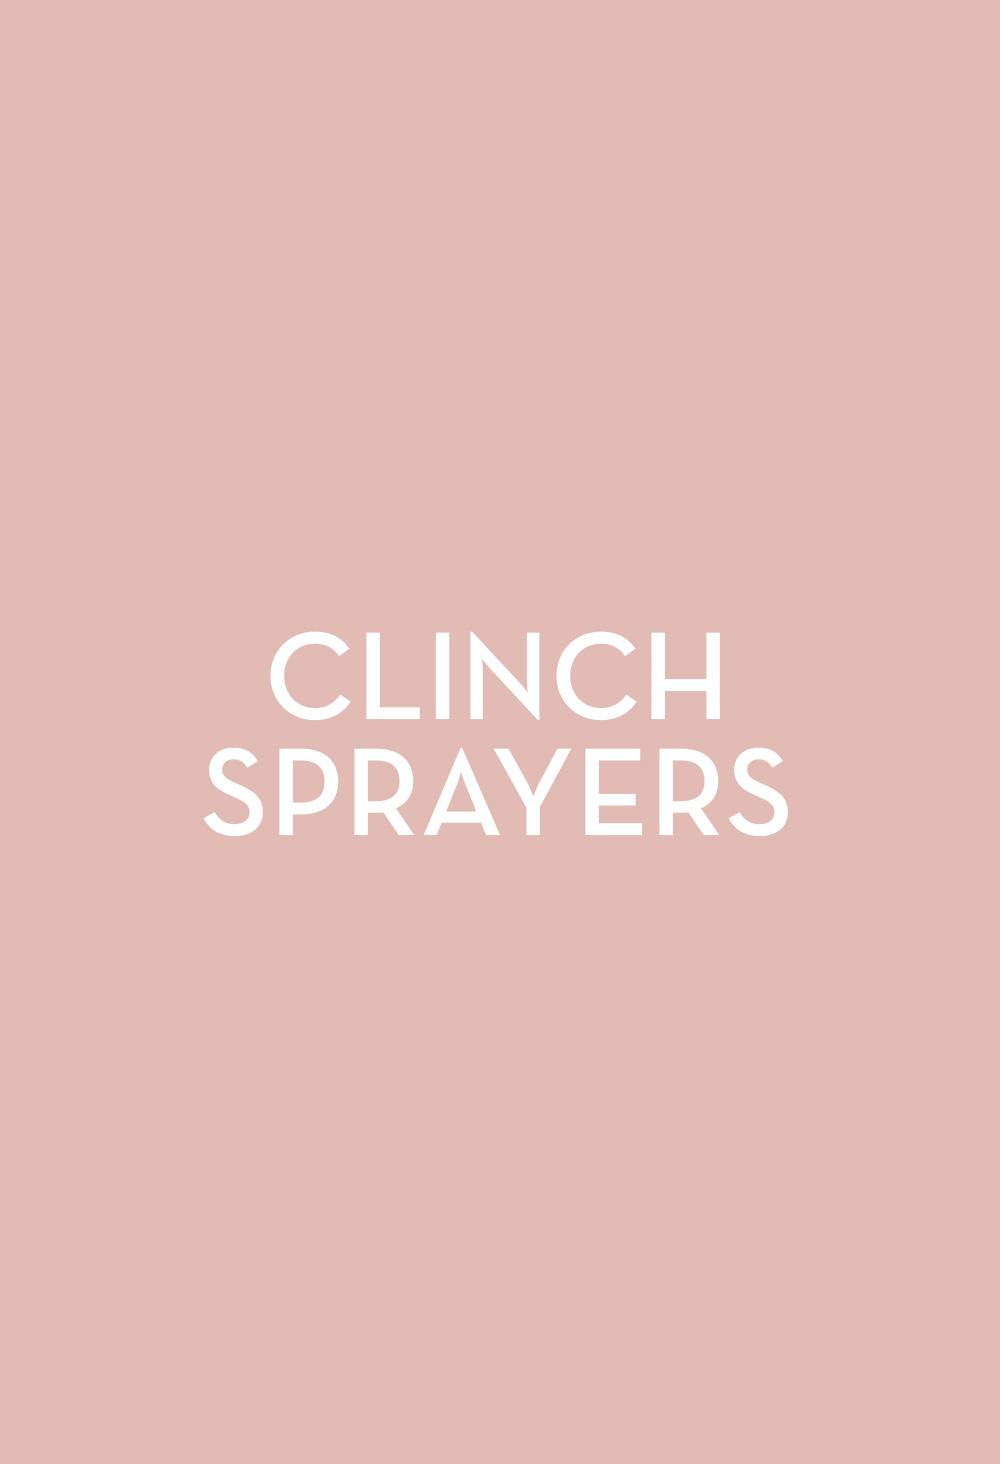 Clinch Sprayers - Fasten